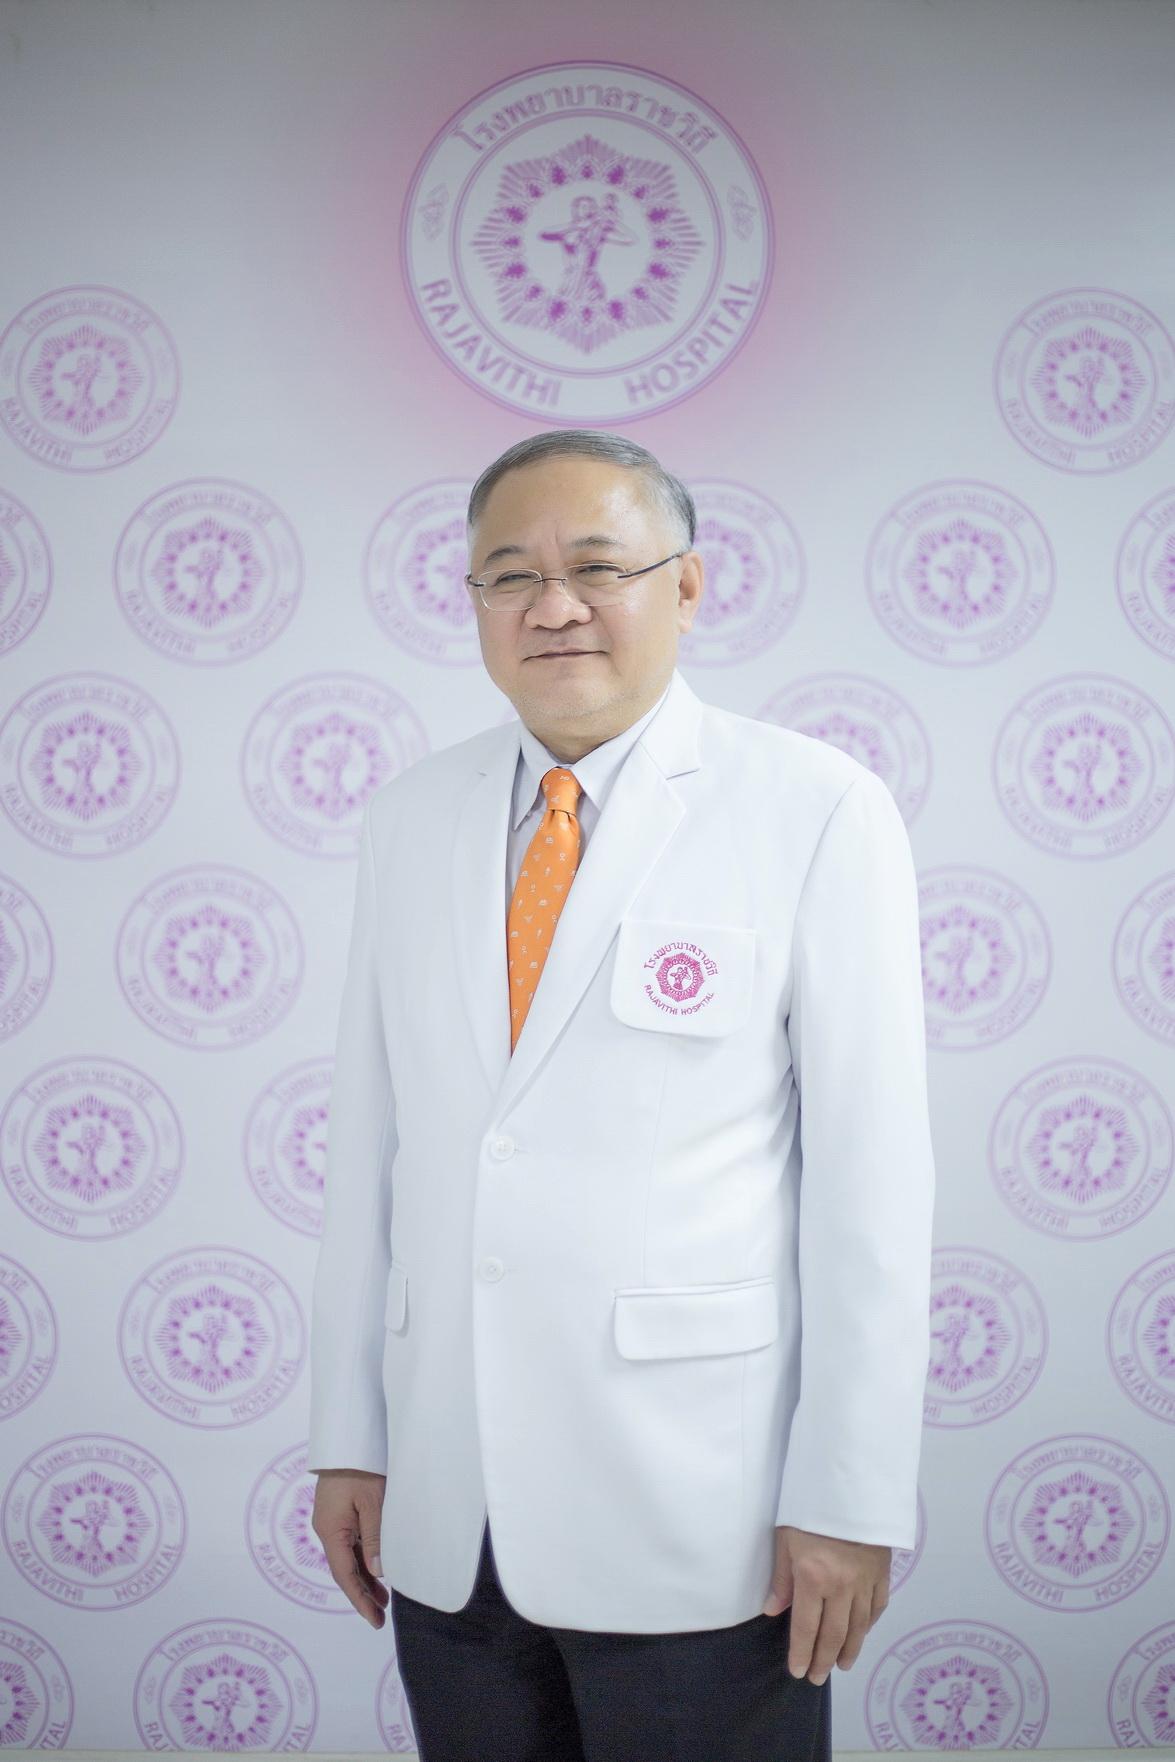 นพ.มานัส โพธาภรณ์ ผู้อำนวยการโรงพยาบาลราชวิถี